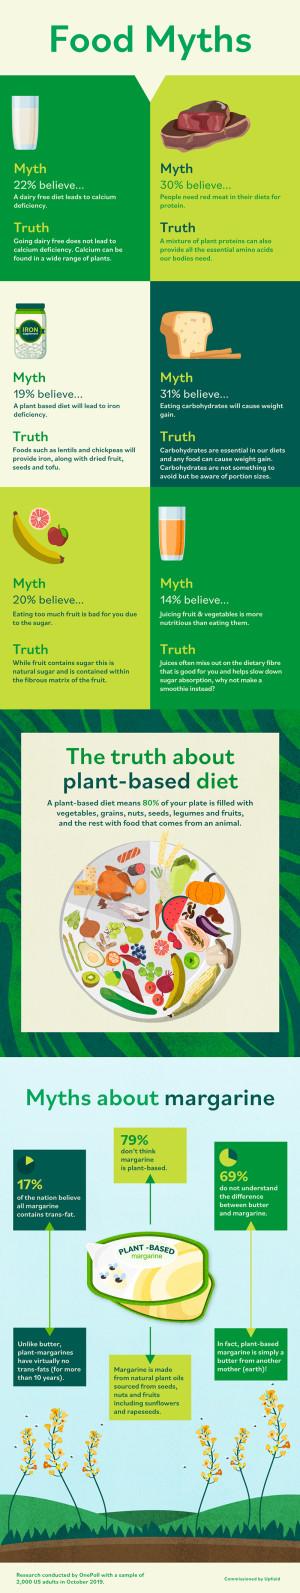 我们都相信的饮食神话